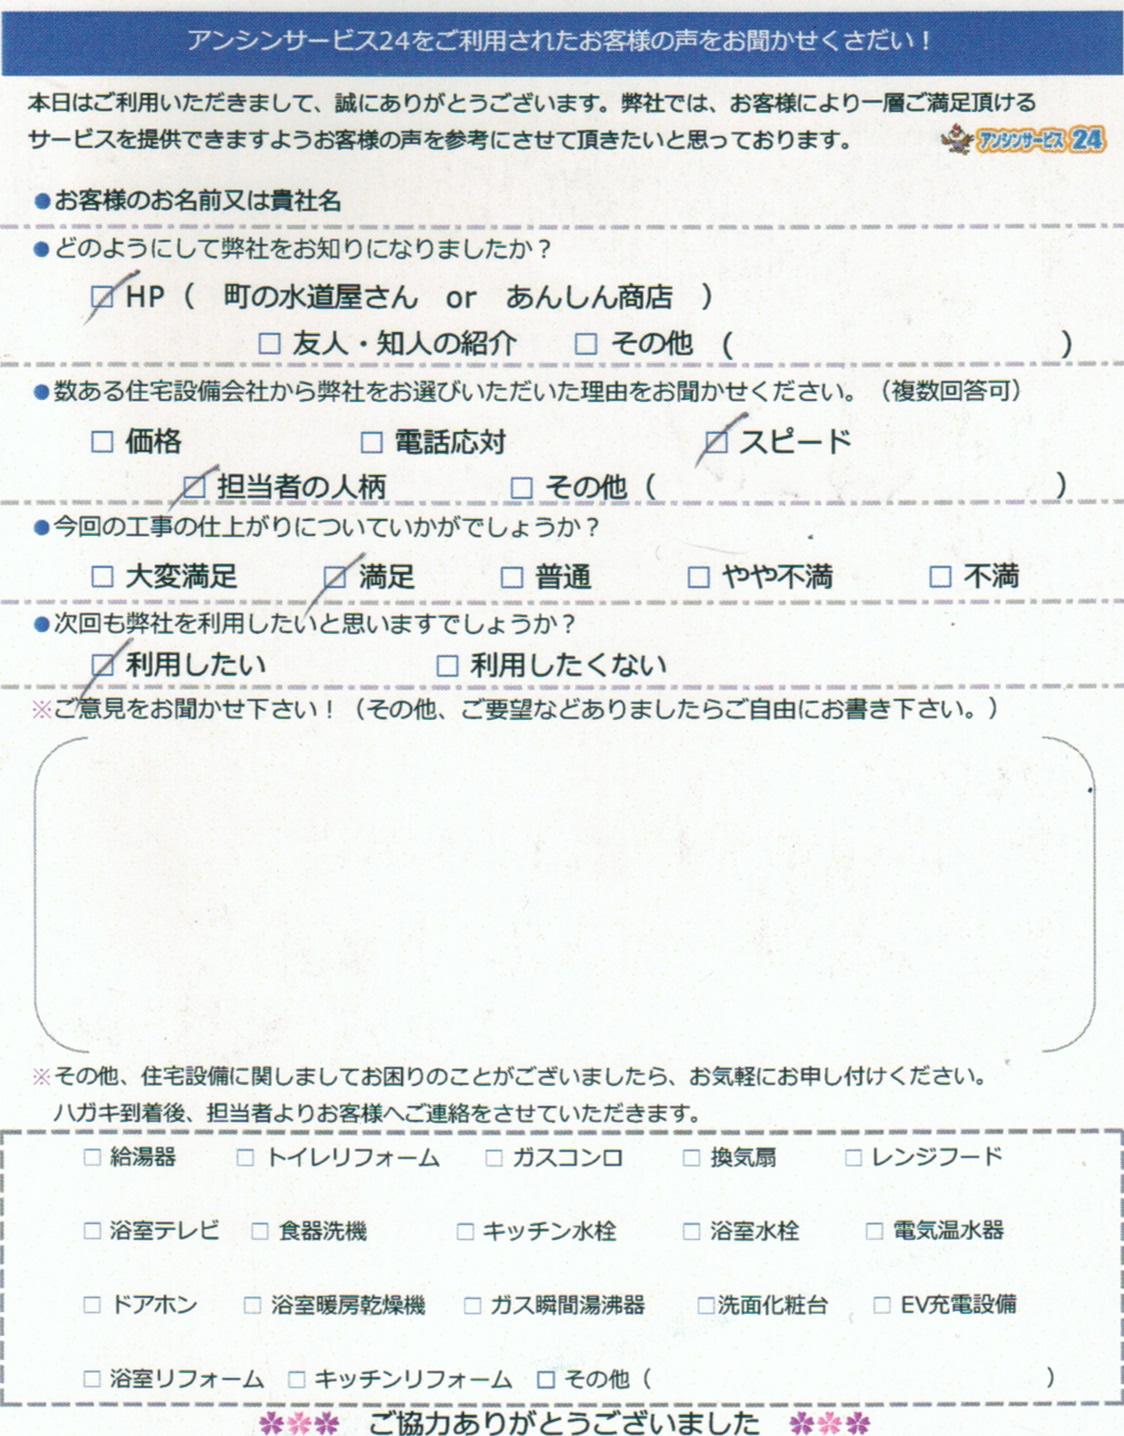 【ハガキ】大阪府箕面市浴室暖房乾燥機交換工事お客様の声【アンシンサービス24】